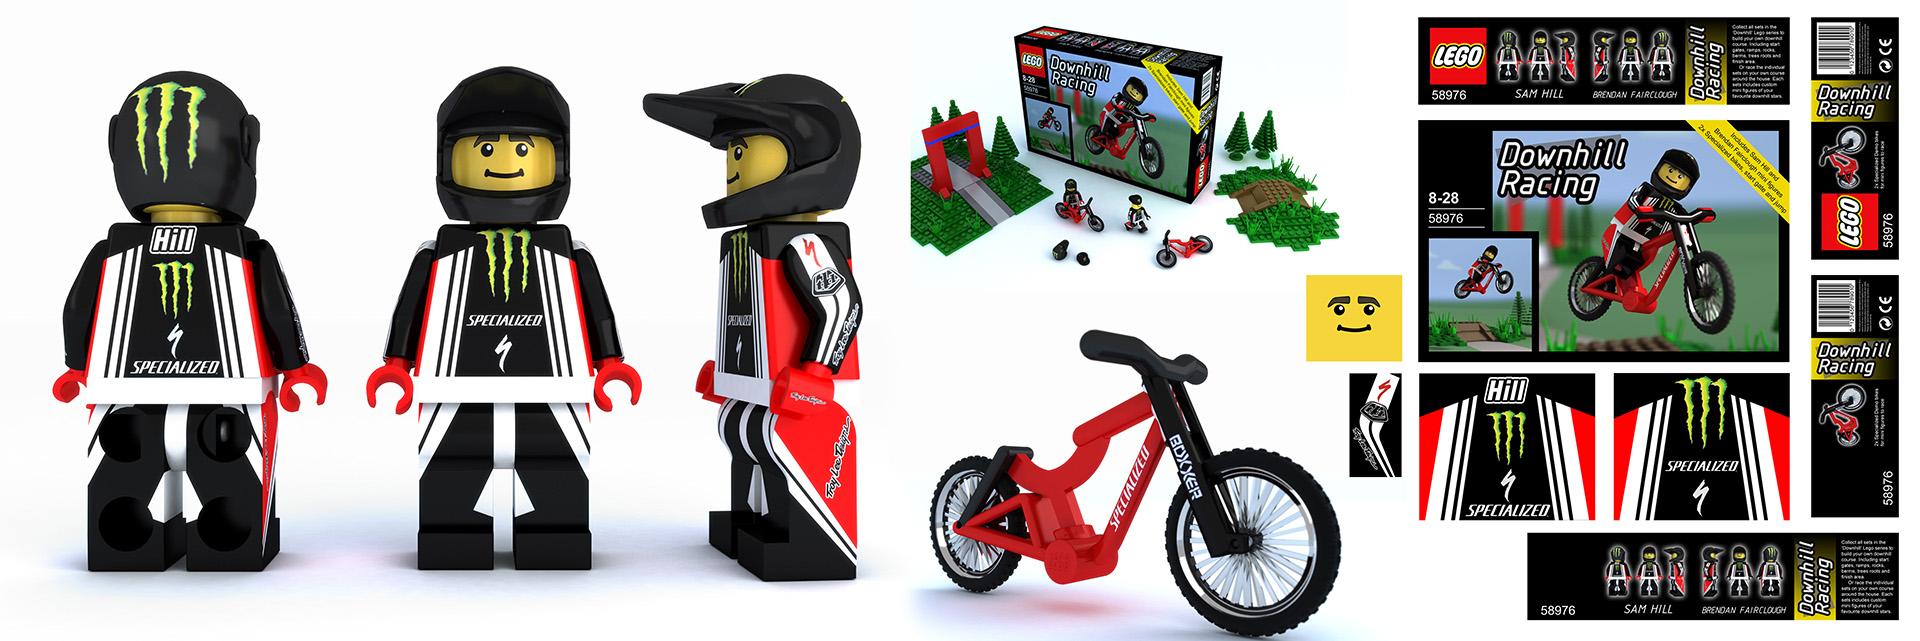 LEGO_Sam_Hill